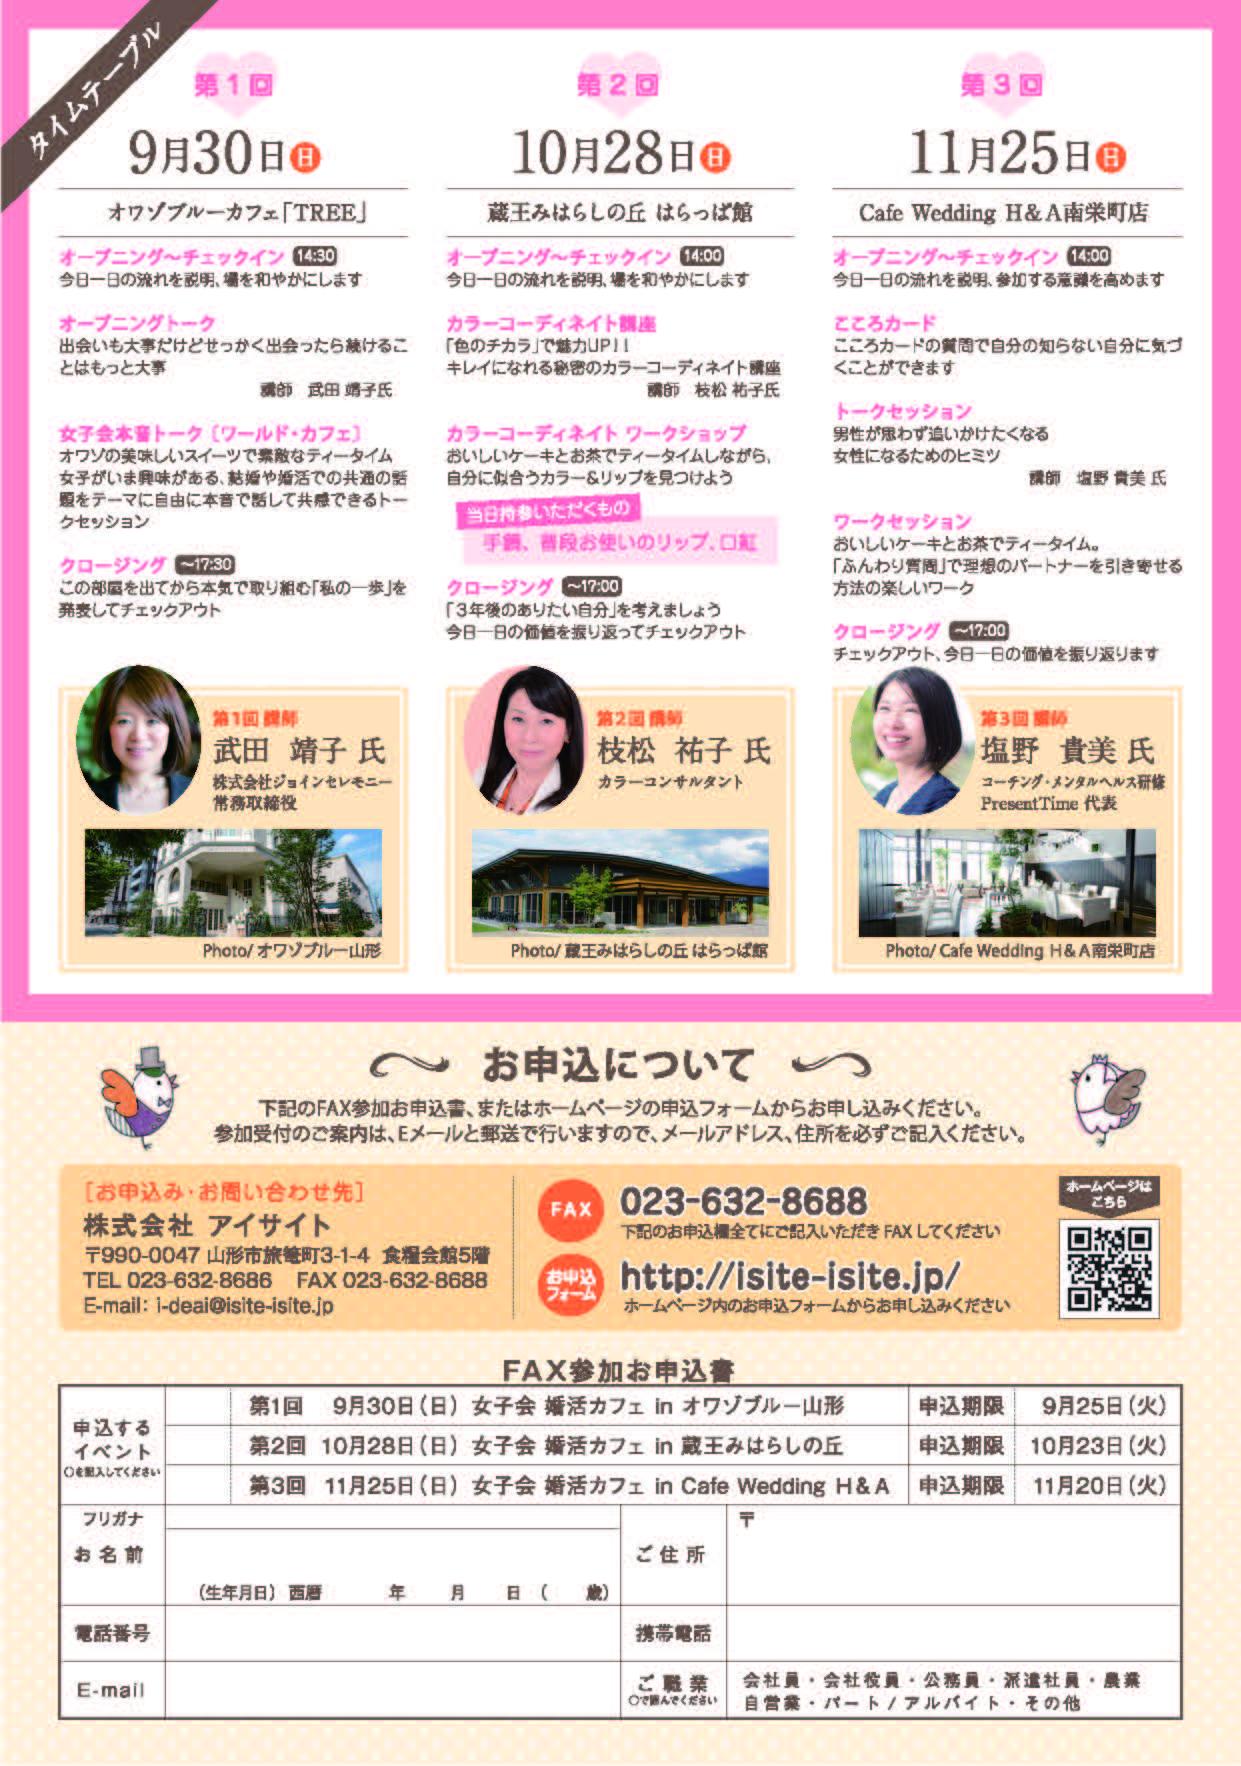 【最終】女子会婚活カフェチラシ20180830_ページ_2